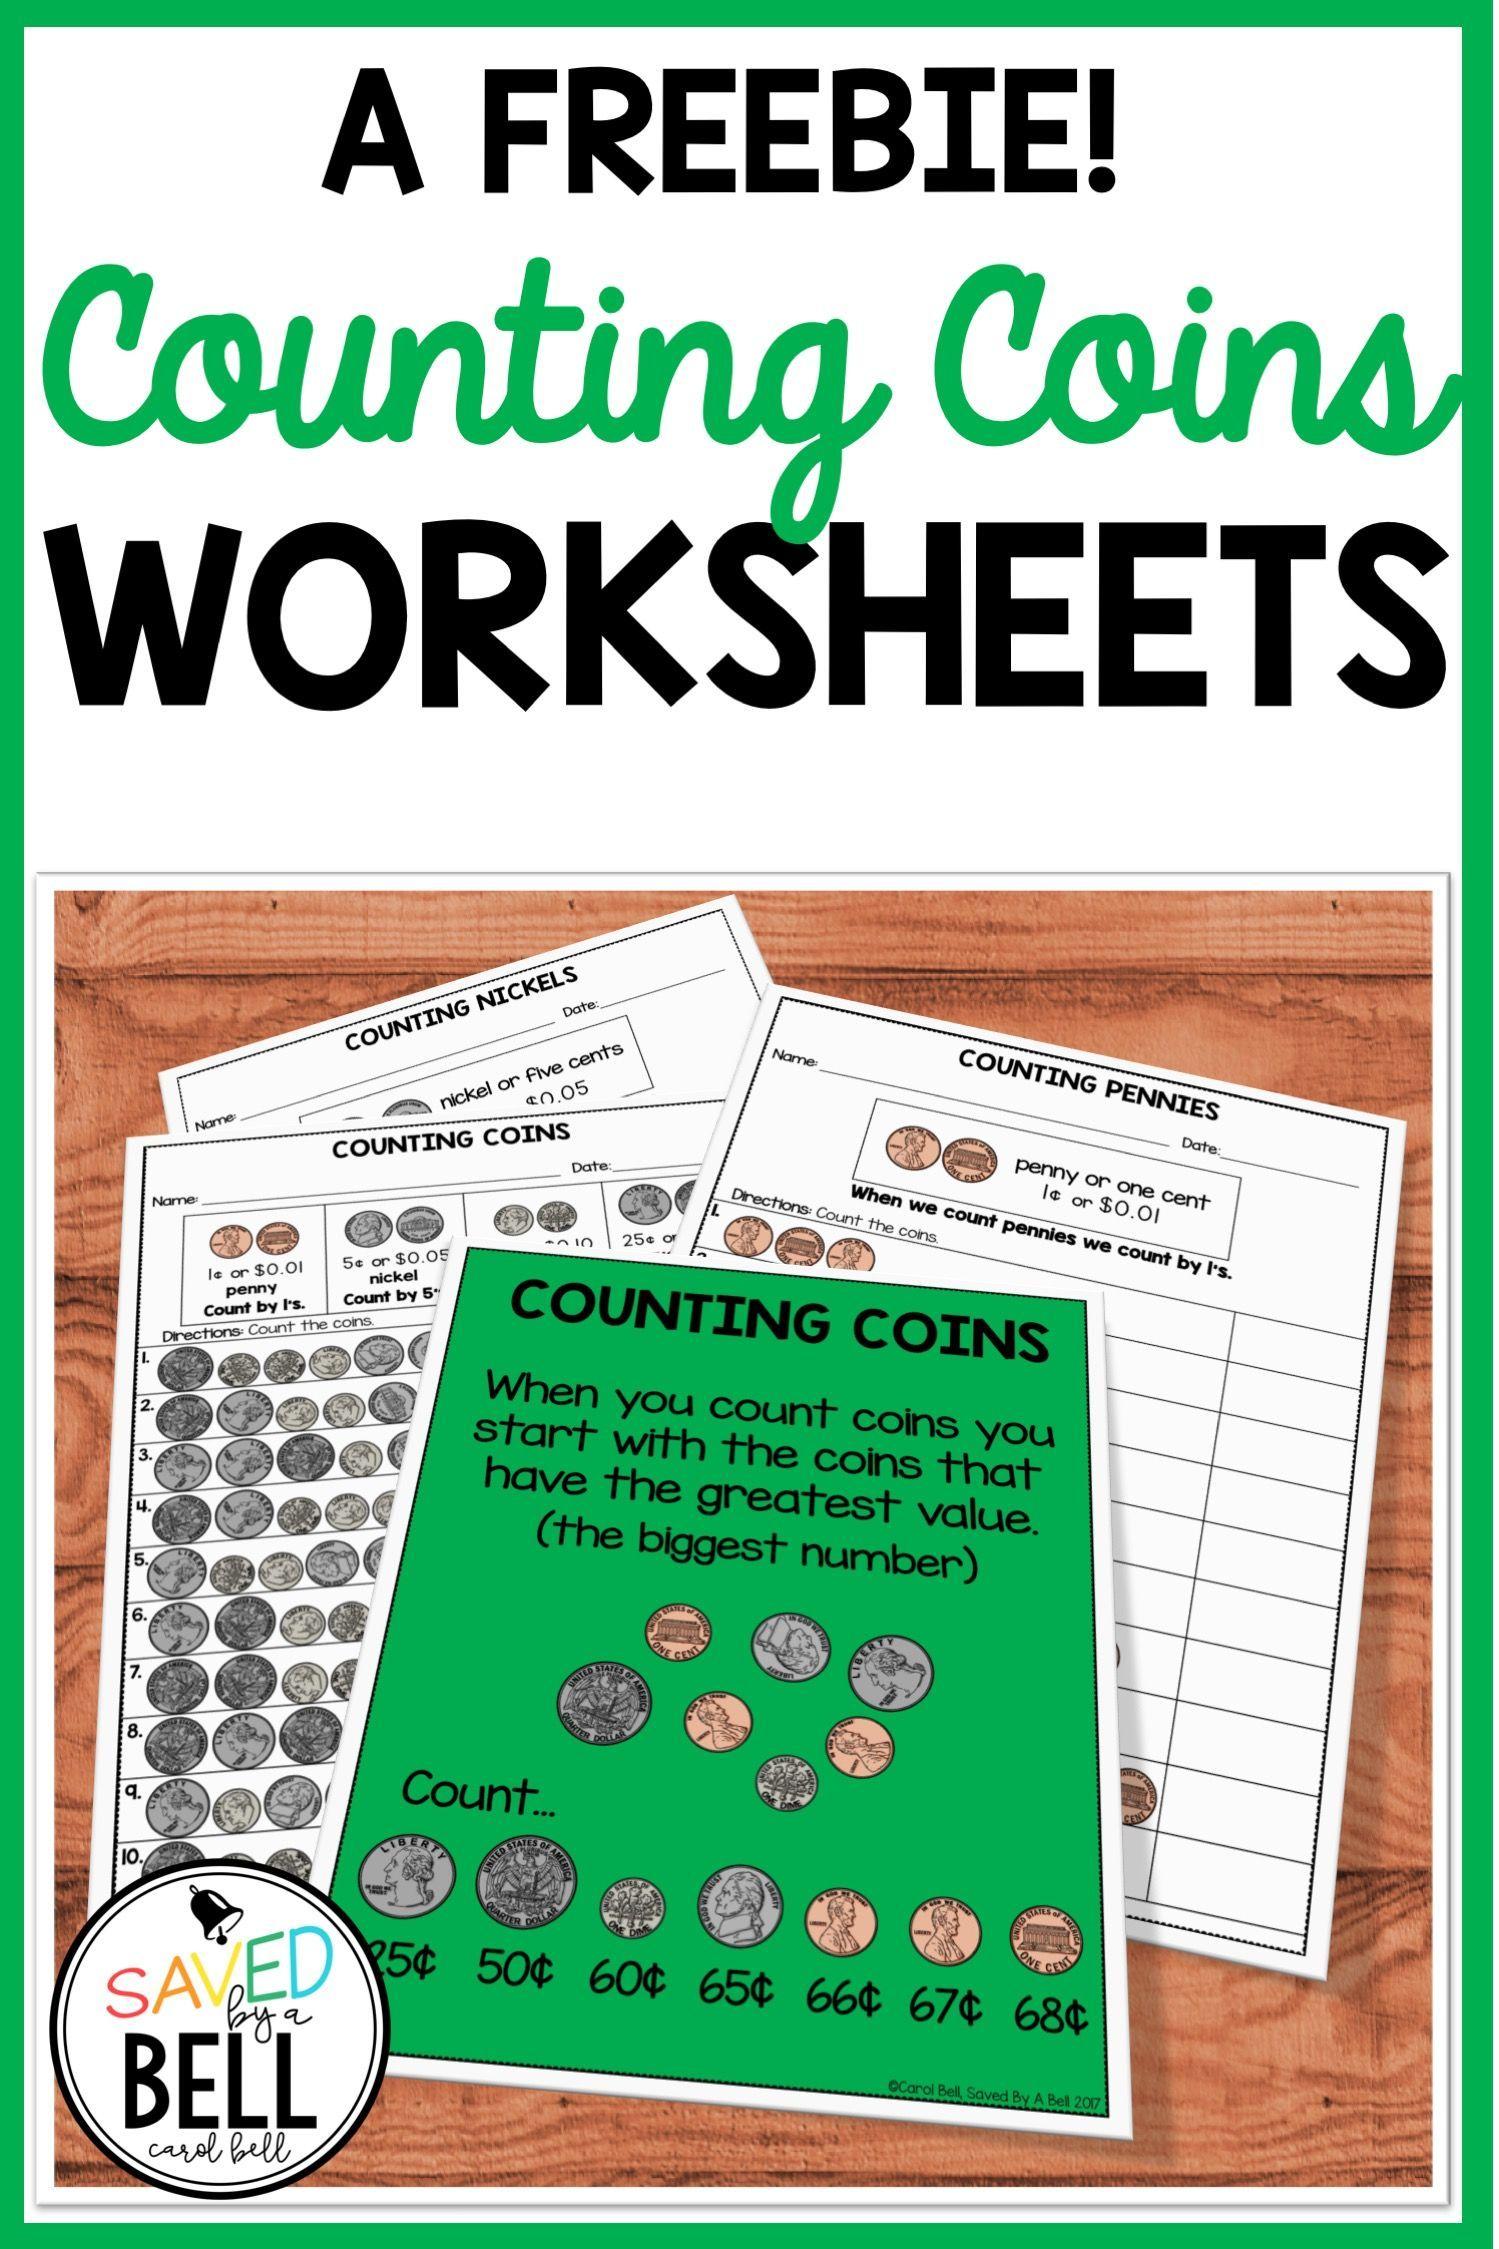 18 Best Mathprintables Worksheets Images On Best